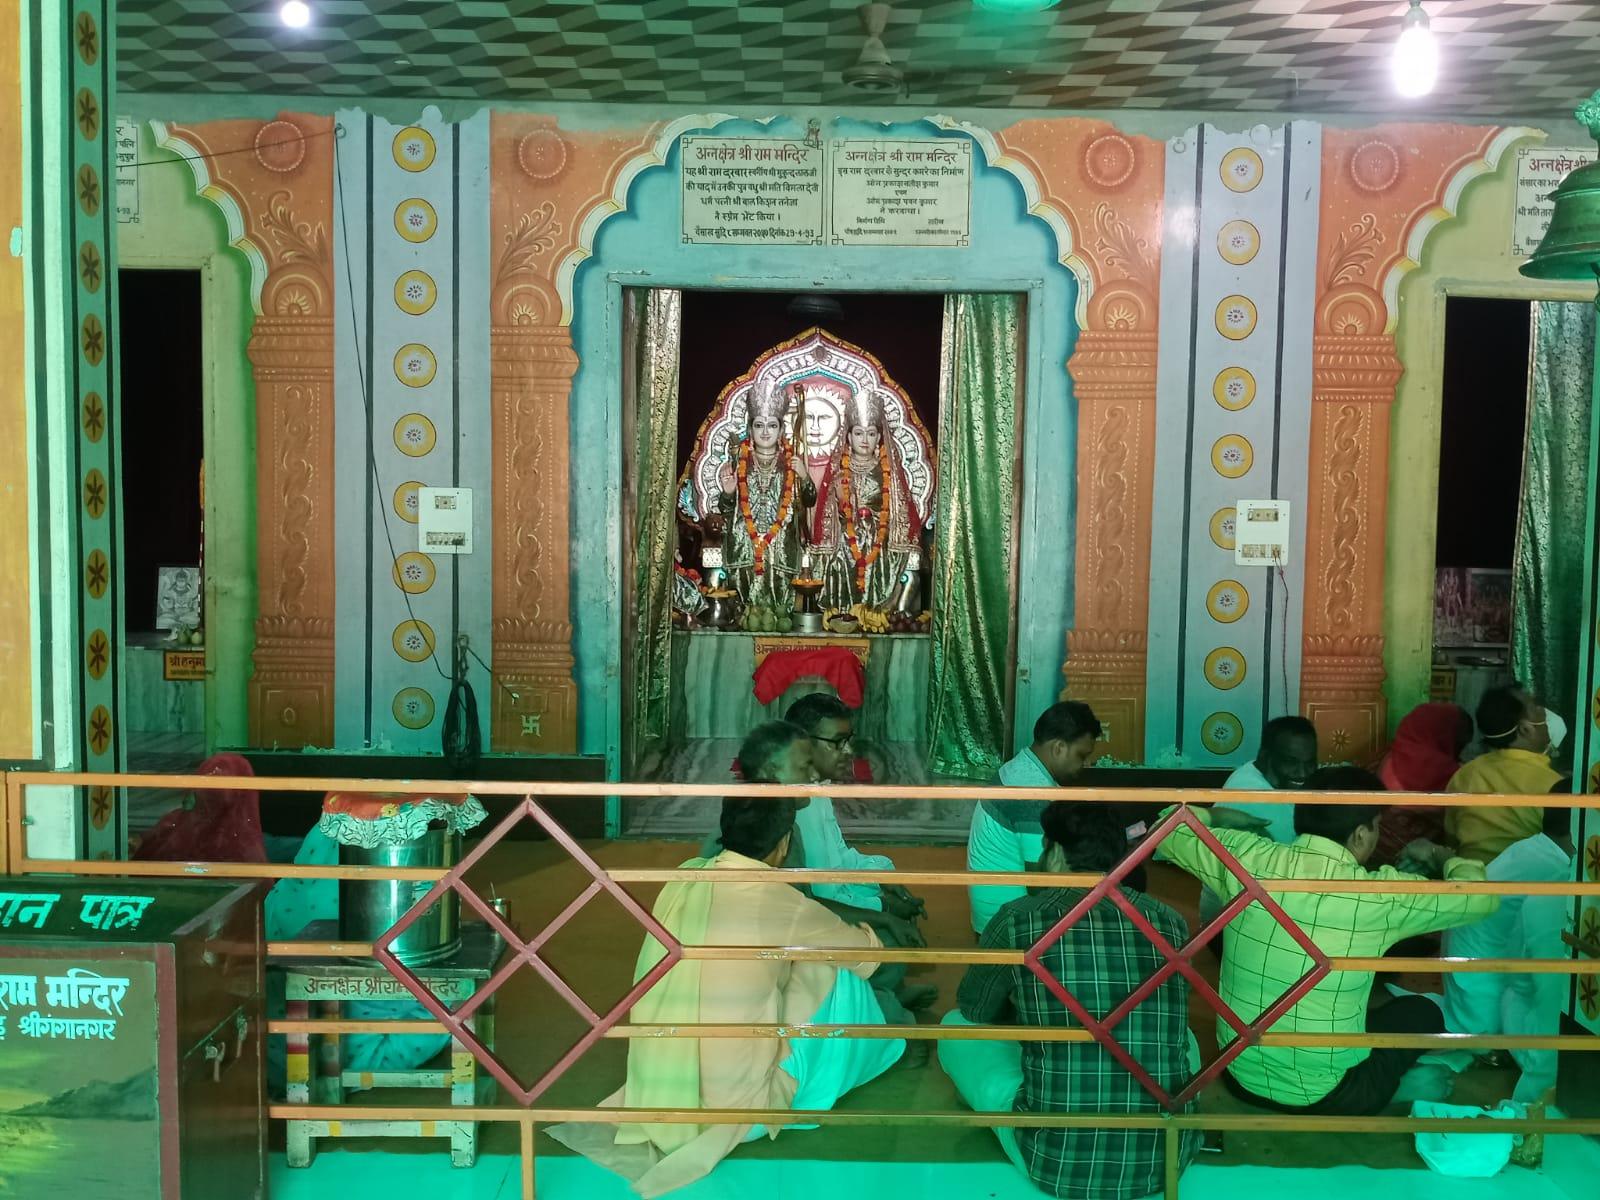 श्रद्धापूर्वक किया गुरु पूजन,आरती कर किया गुरु को वंदन, अन्न क्षेत्र श्रीराम मंदिरमें हुआ आयोजन श्रीगंंगानगर,Sriganganagar - Dainik Bhaskar